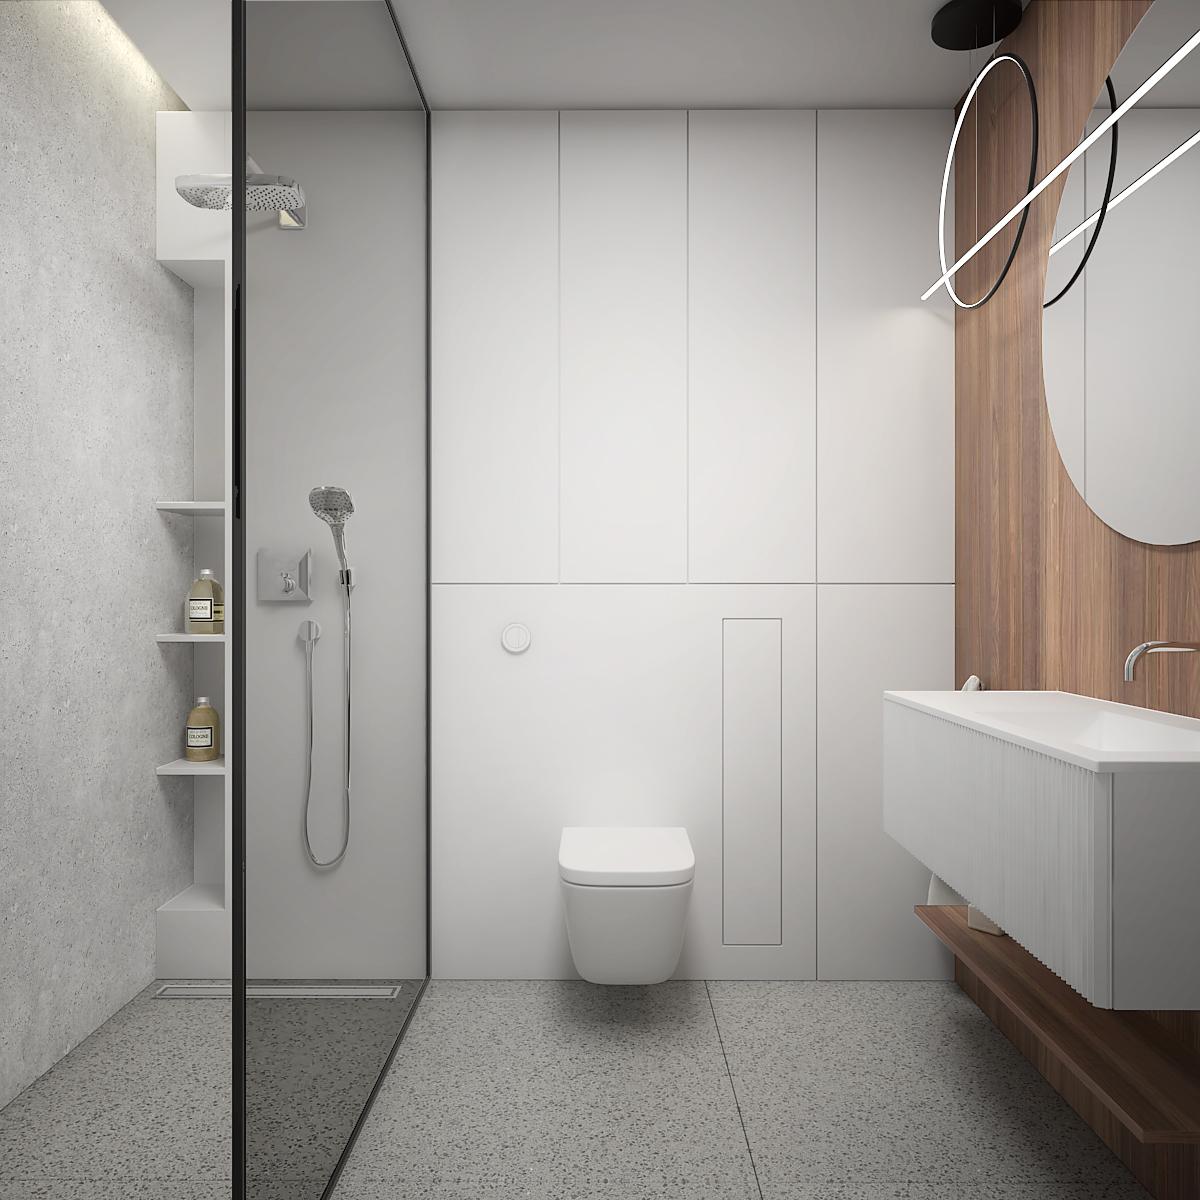 14 aranzacja wnetrza M563 mieszkanie katowice lazienka prysznic walkin prysznic z deszczownica biala zabudowa plytki lastryko